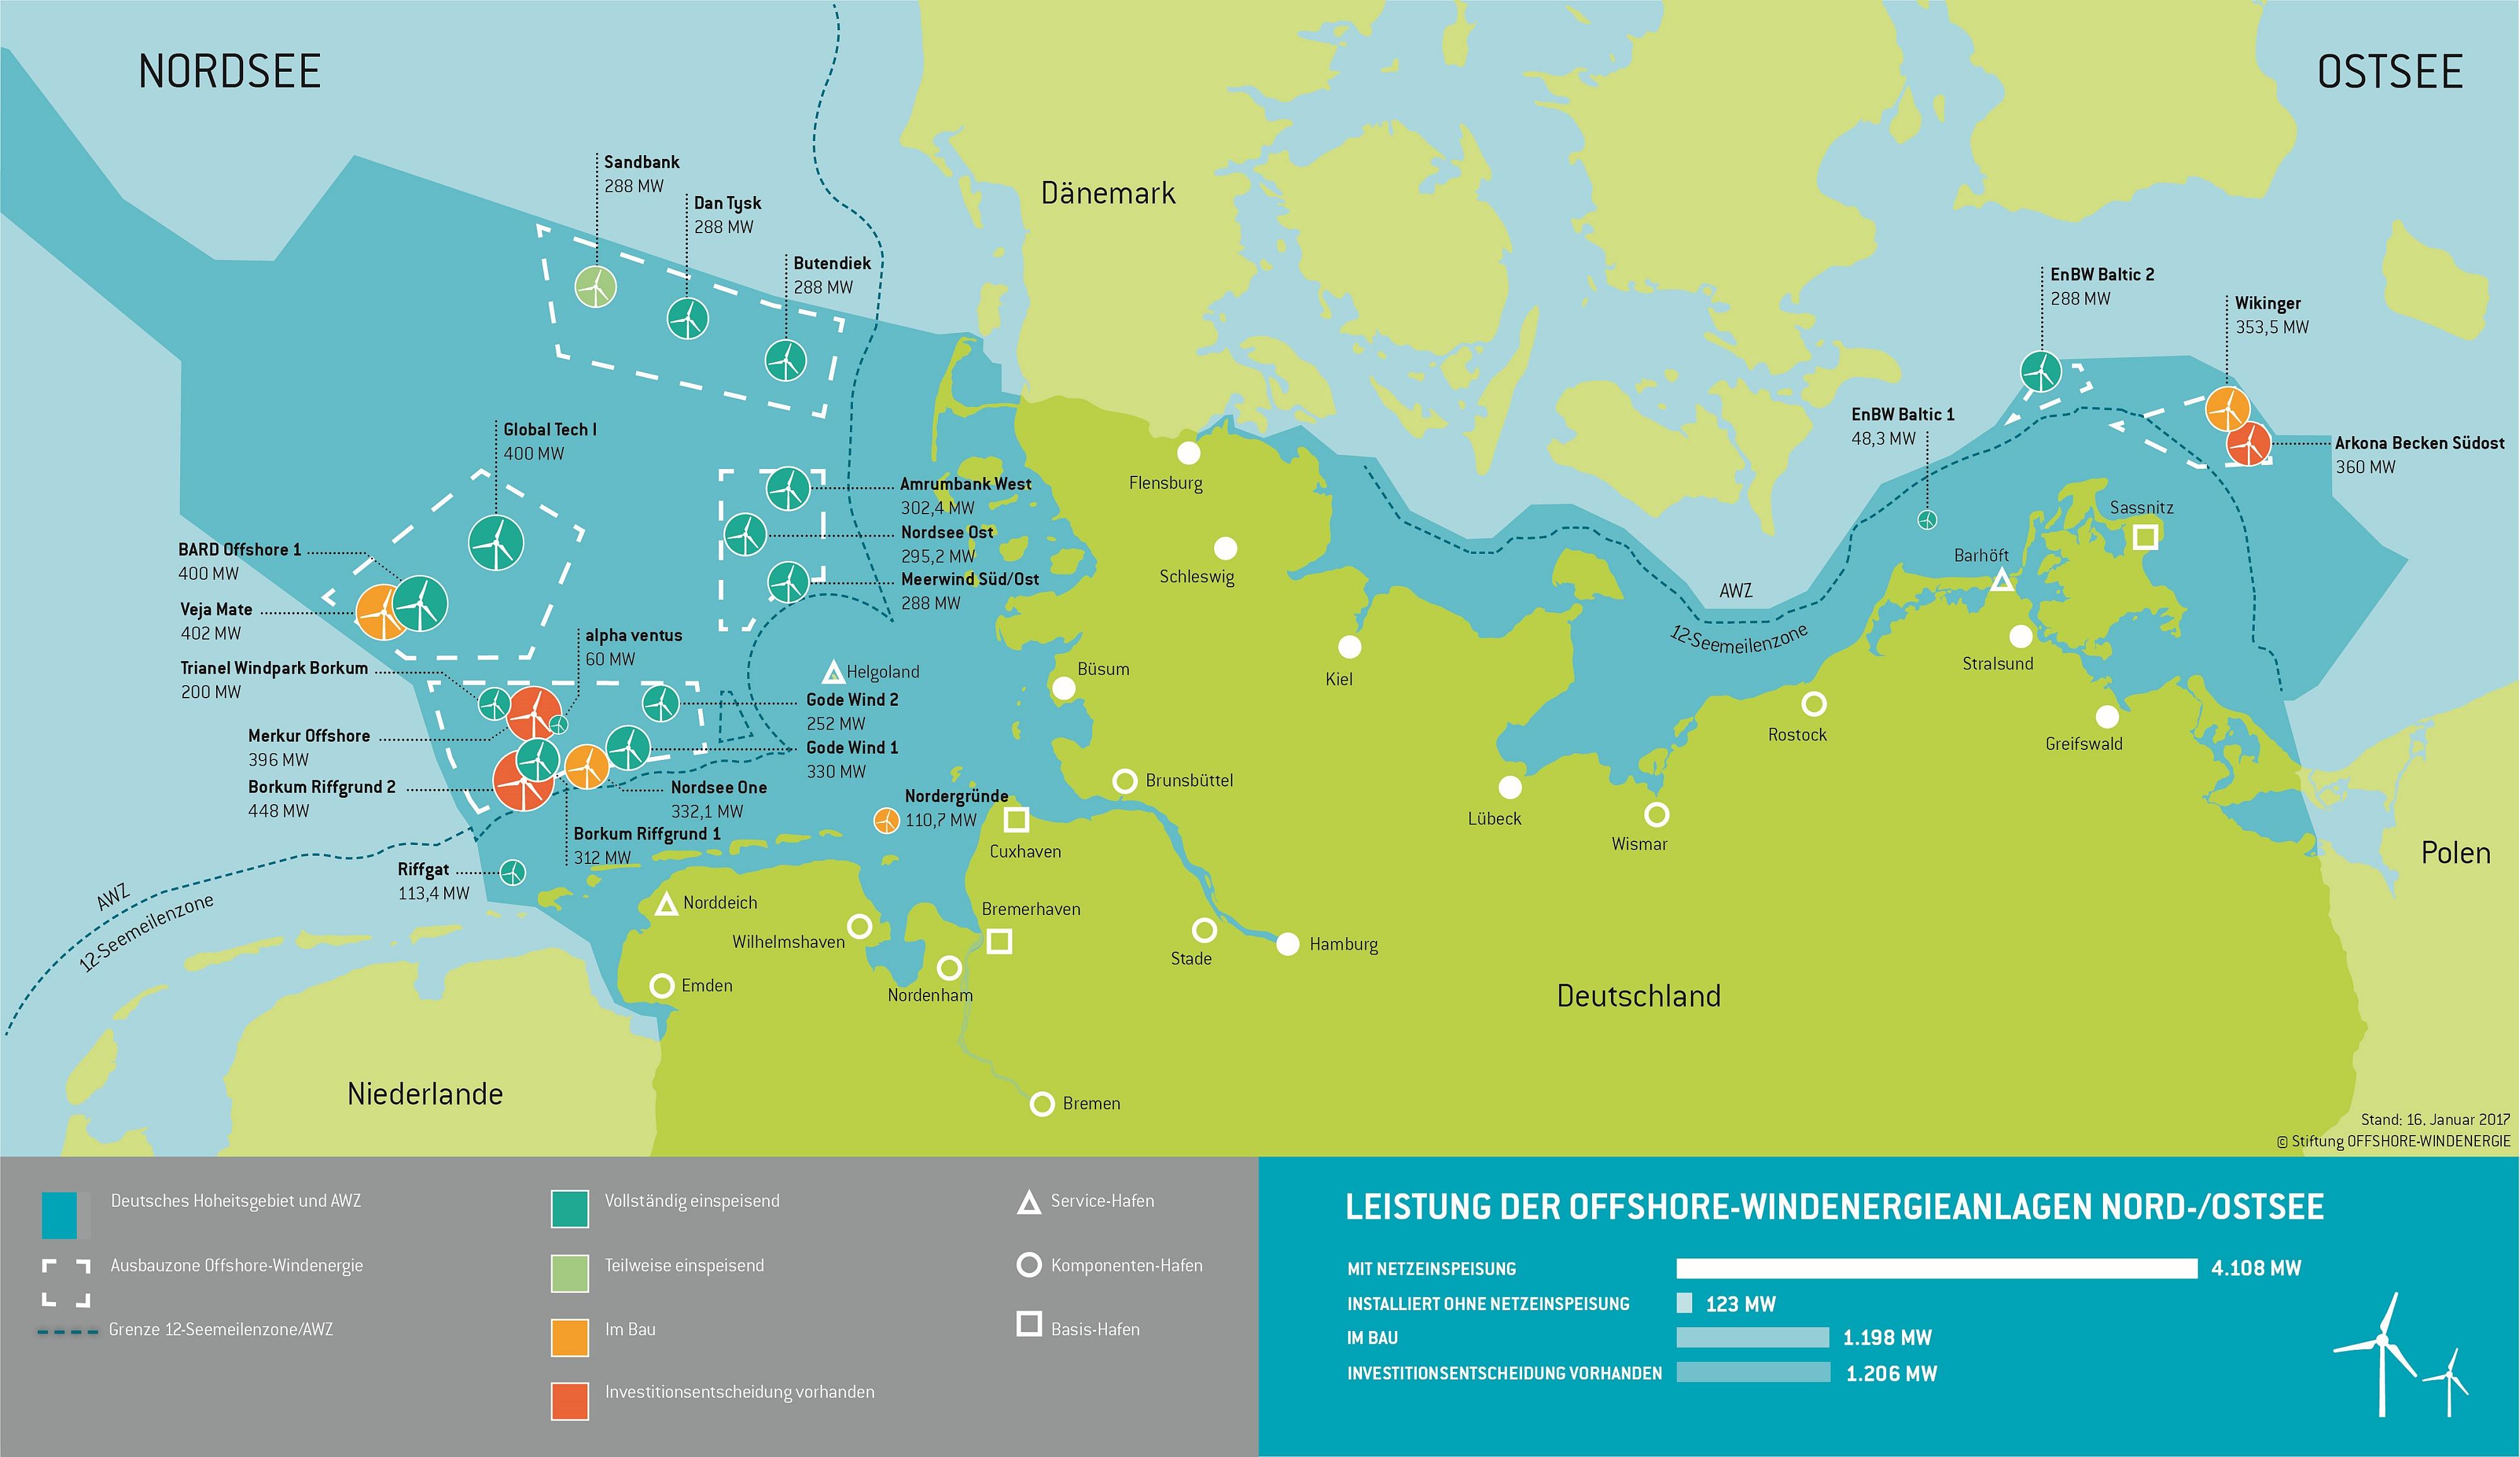 Karte des Ausbaustandes